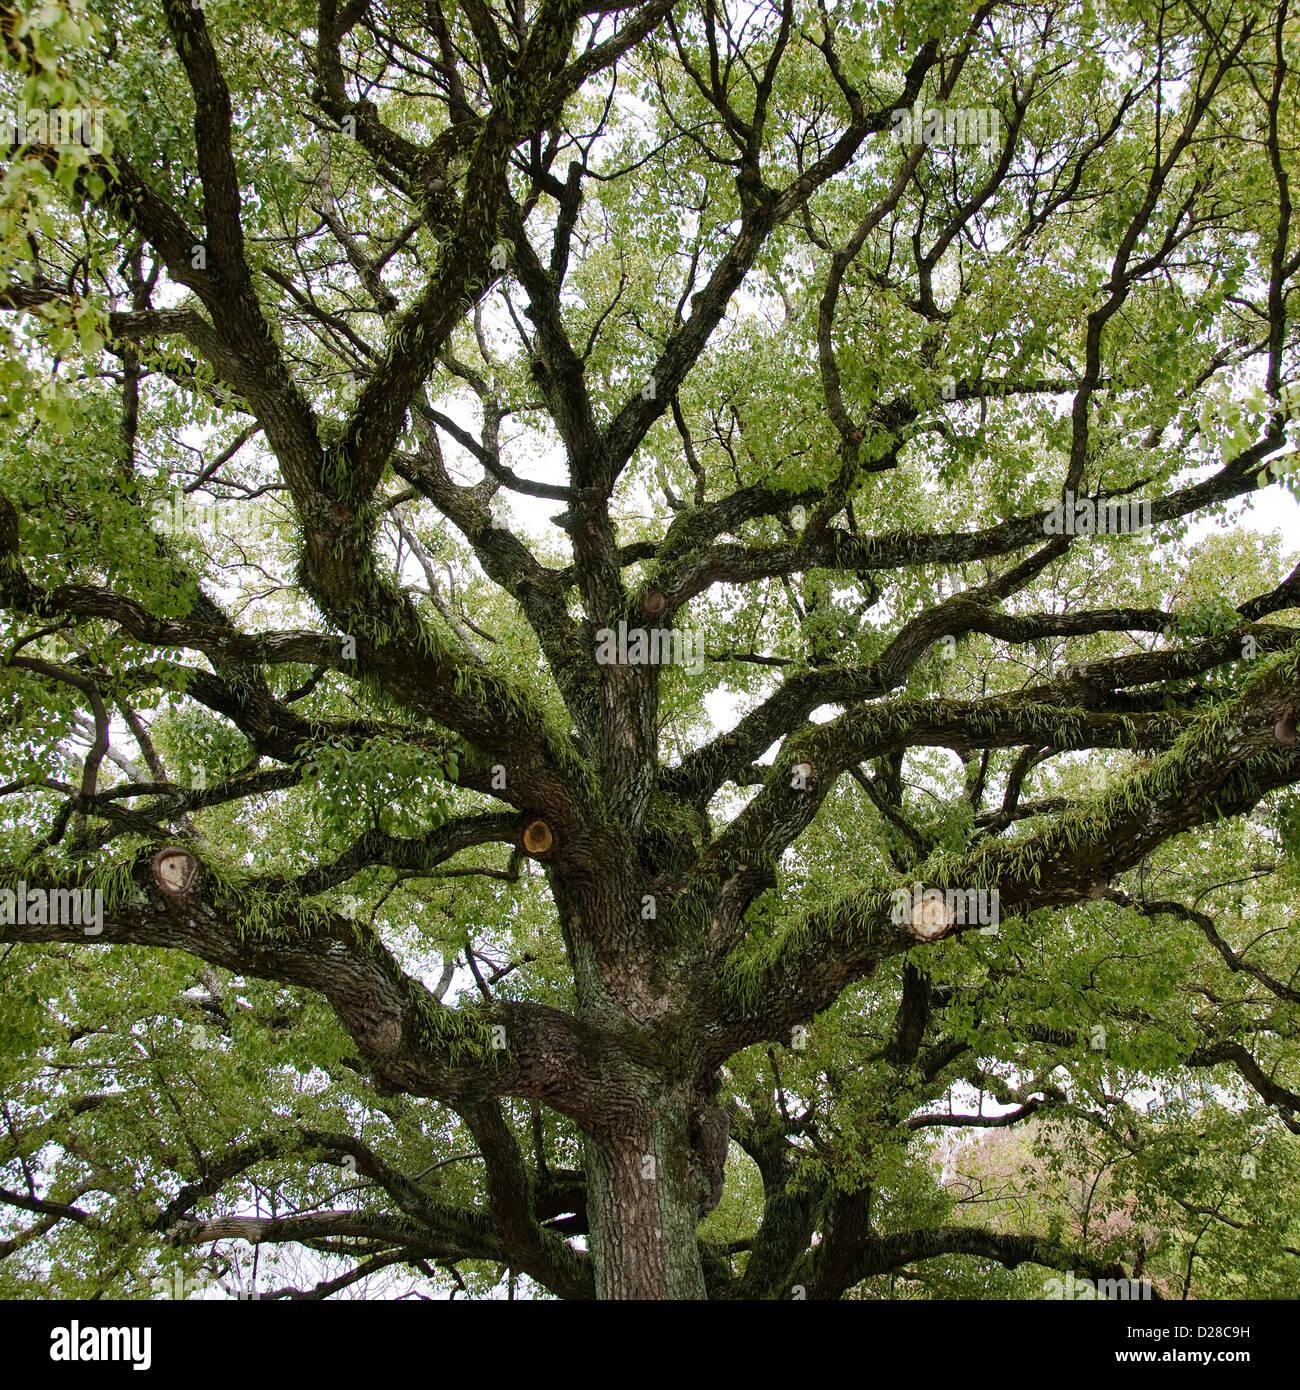 La corona dell'albero visto da sotto con il vecchio ampi rami e gli epifiti Immagini Stock